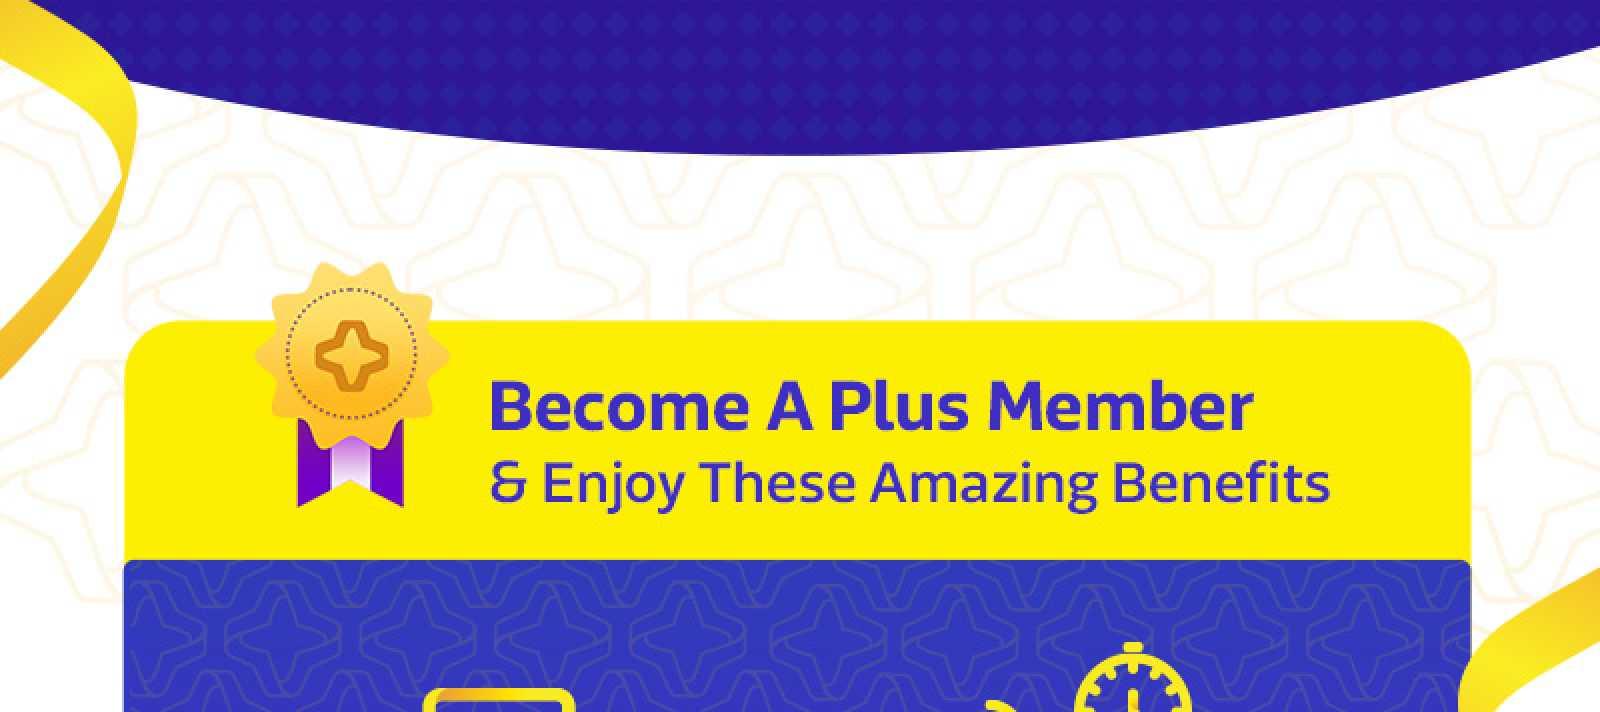 Flipkart Plus – The Ultimate Rewards Program for Flipkart Customers